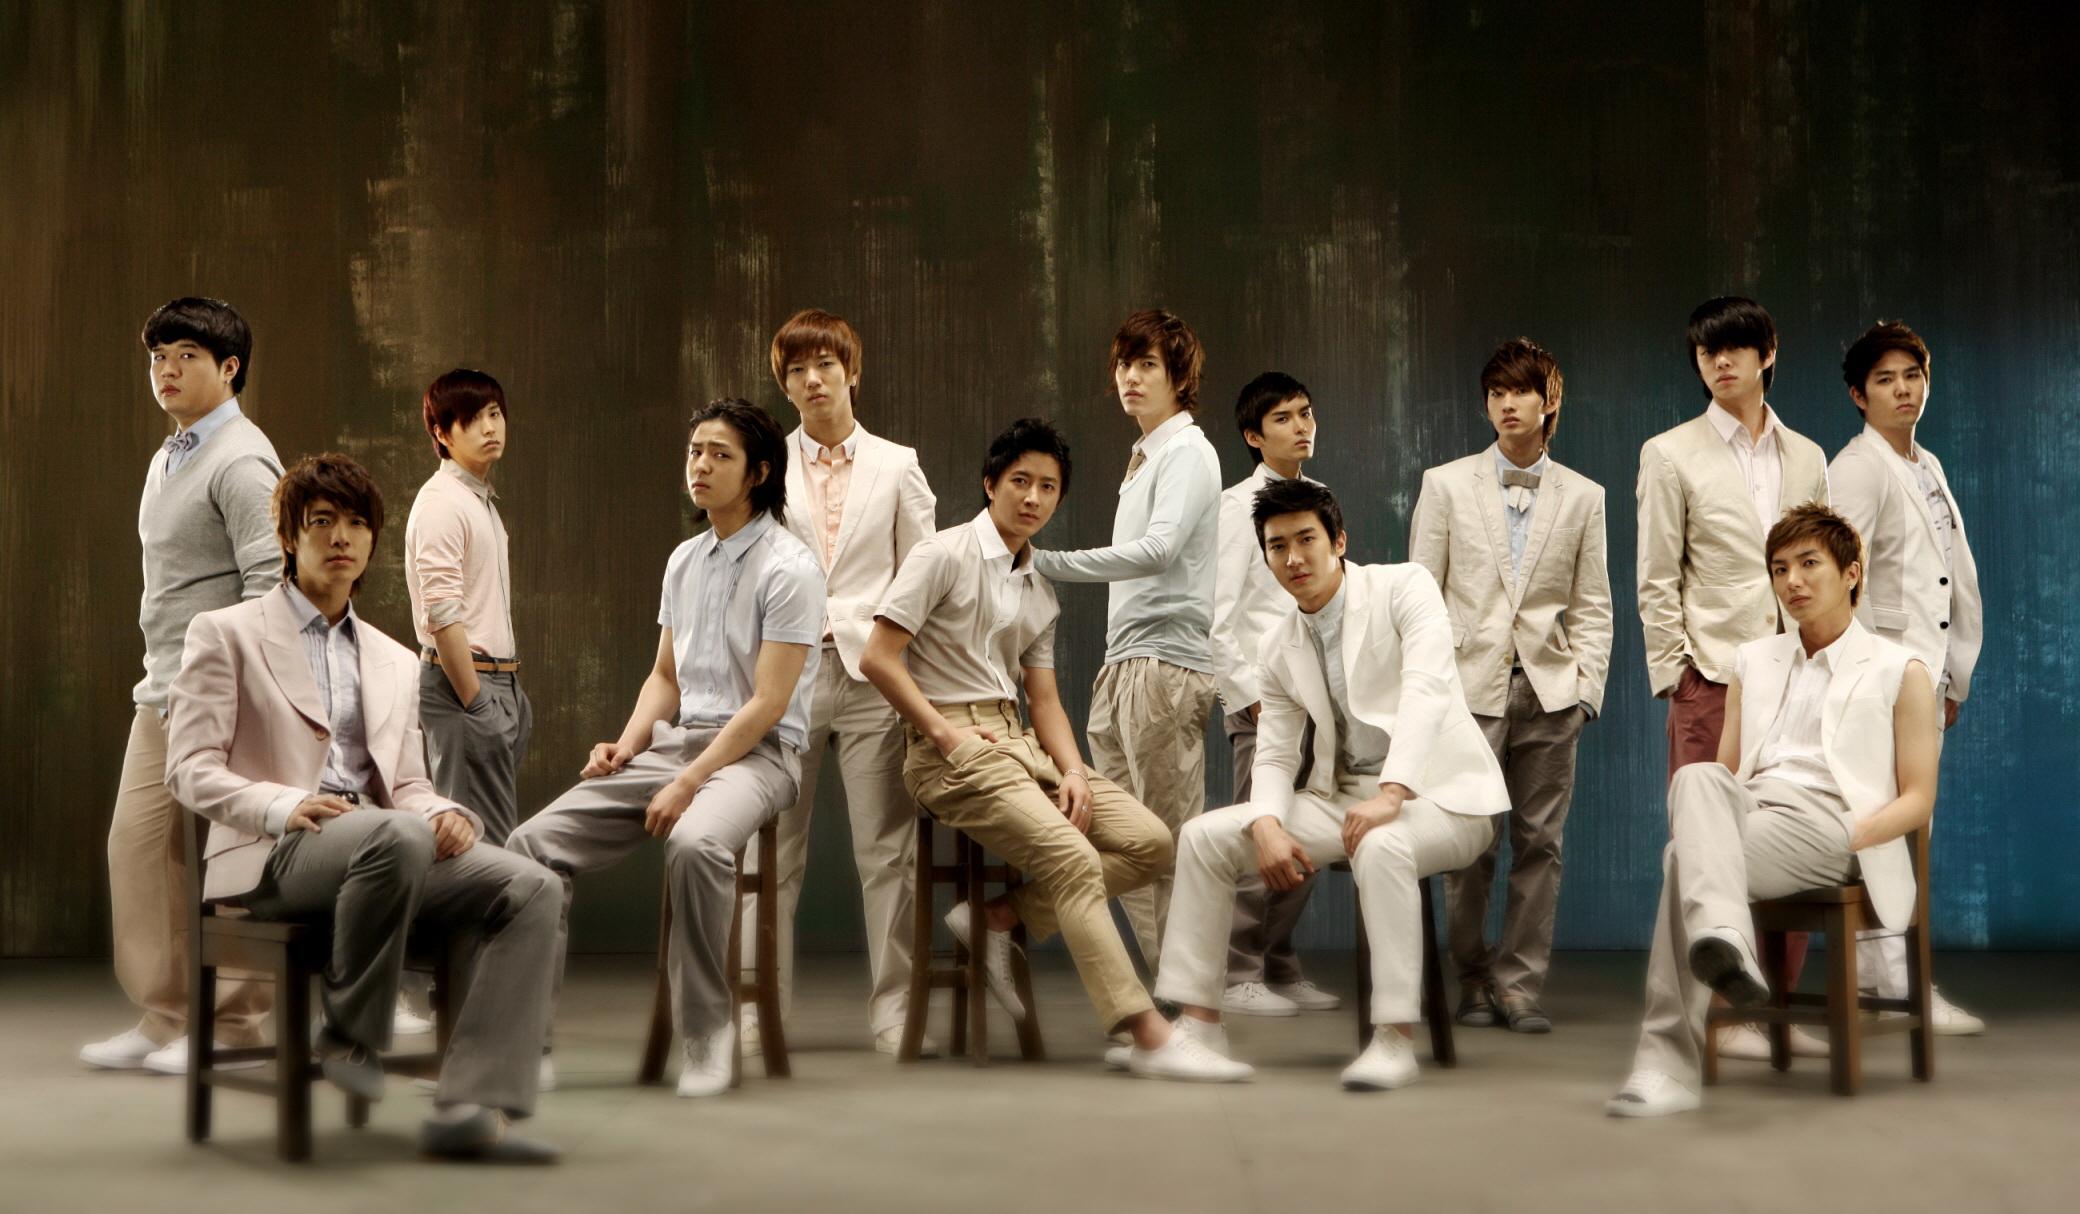 等一下?那離開SM的意思,是離開Super Junior嗎?